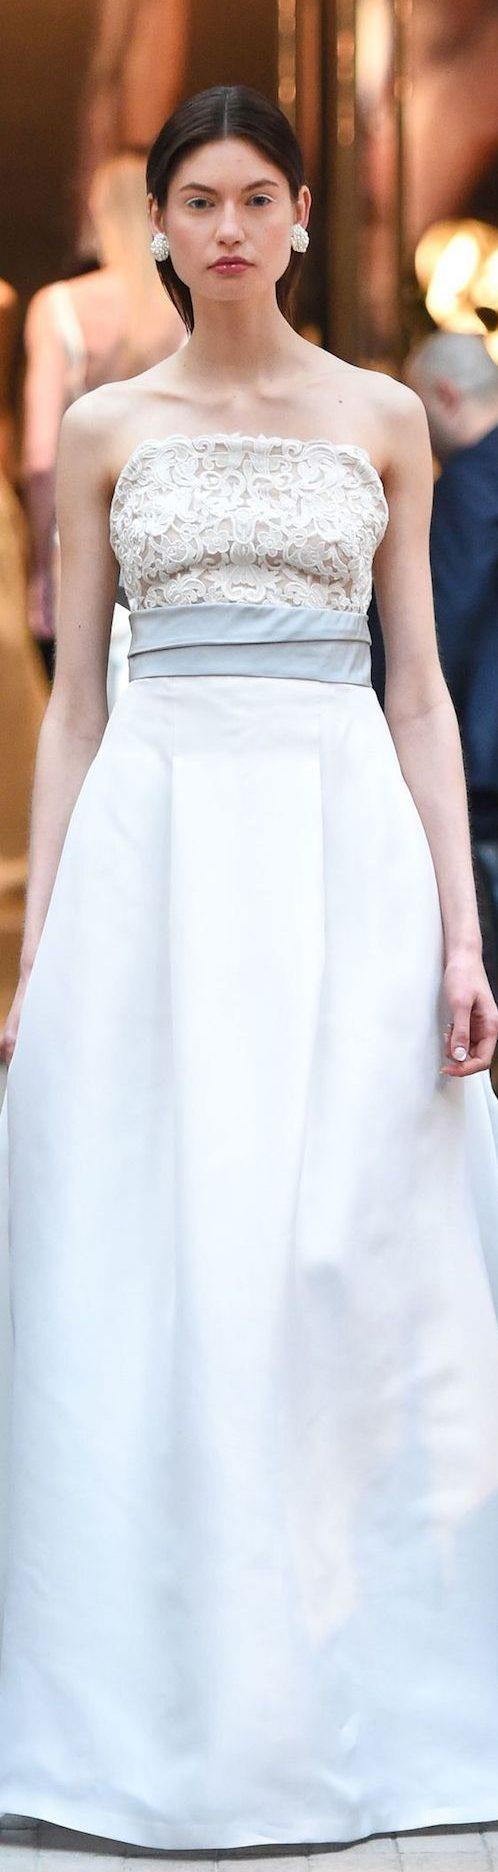 Escote palabra de honor con lazo a la cintura y detalle de encaje en relieve. Traje de novia de Sachin & Babi 2018.